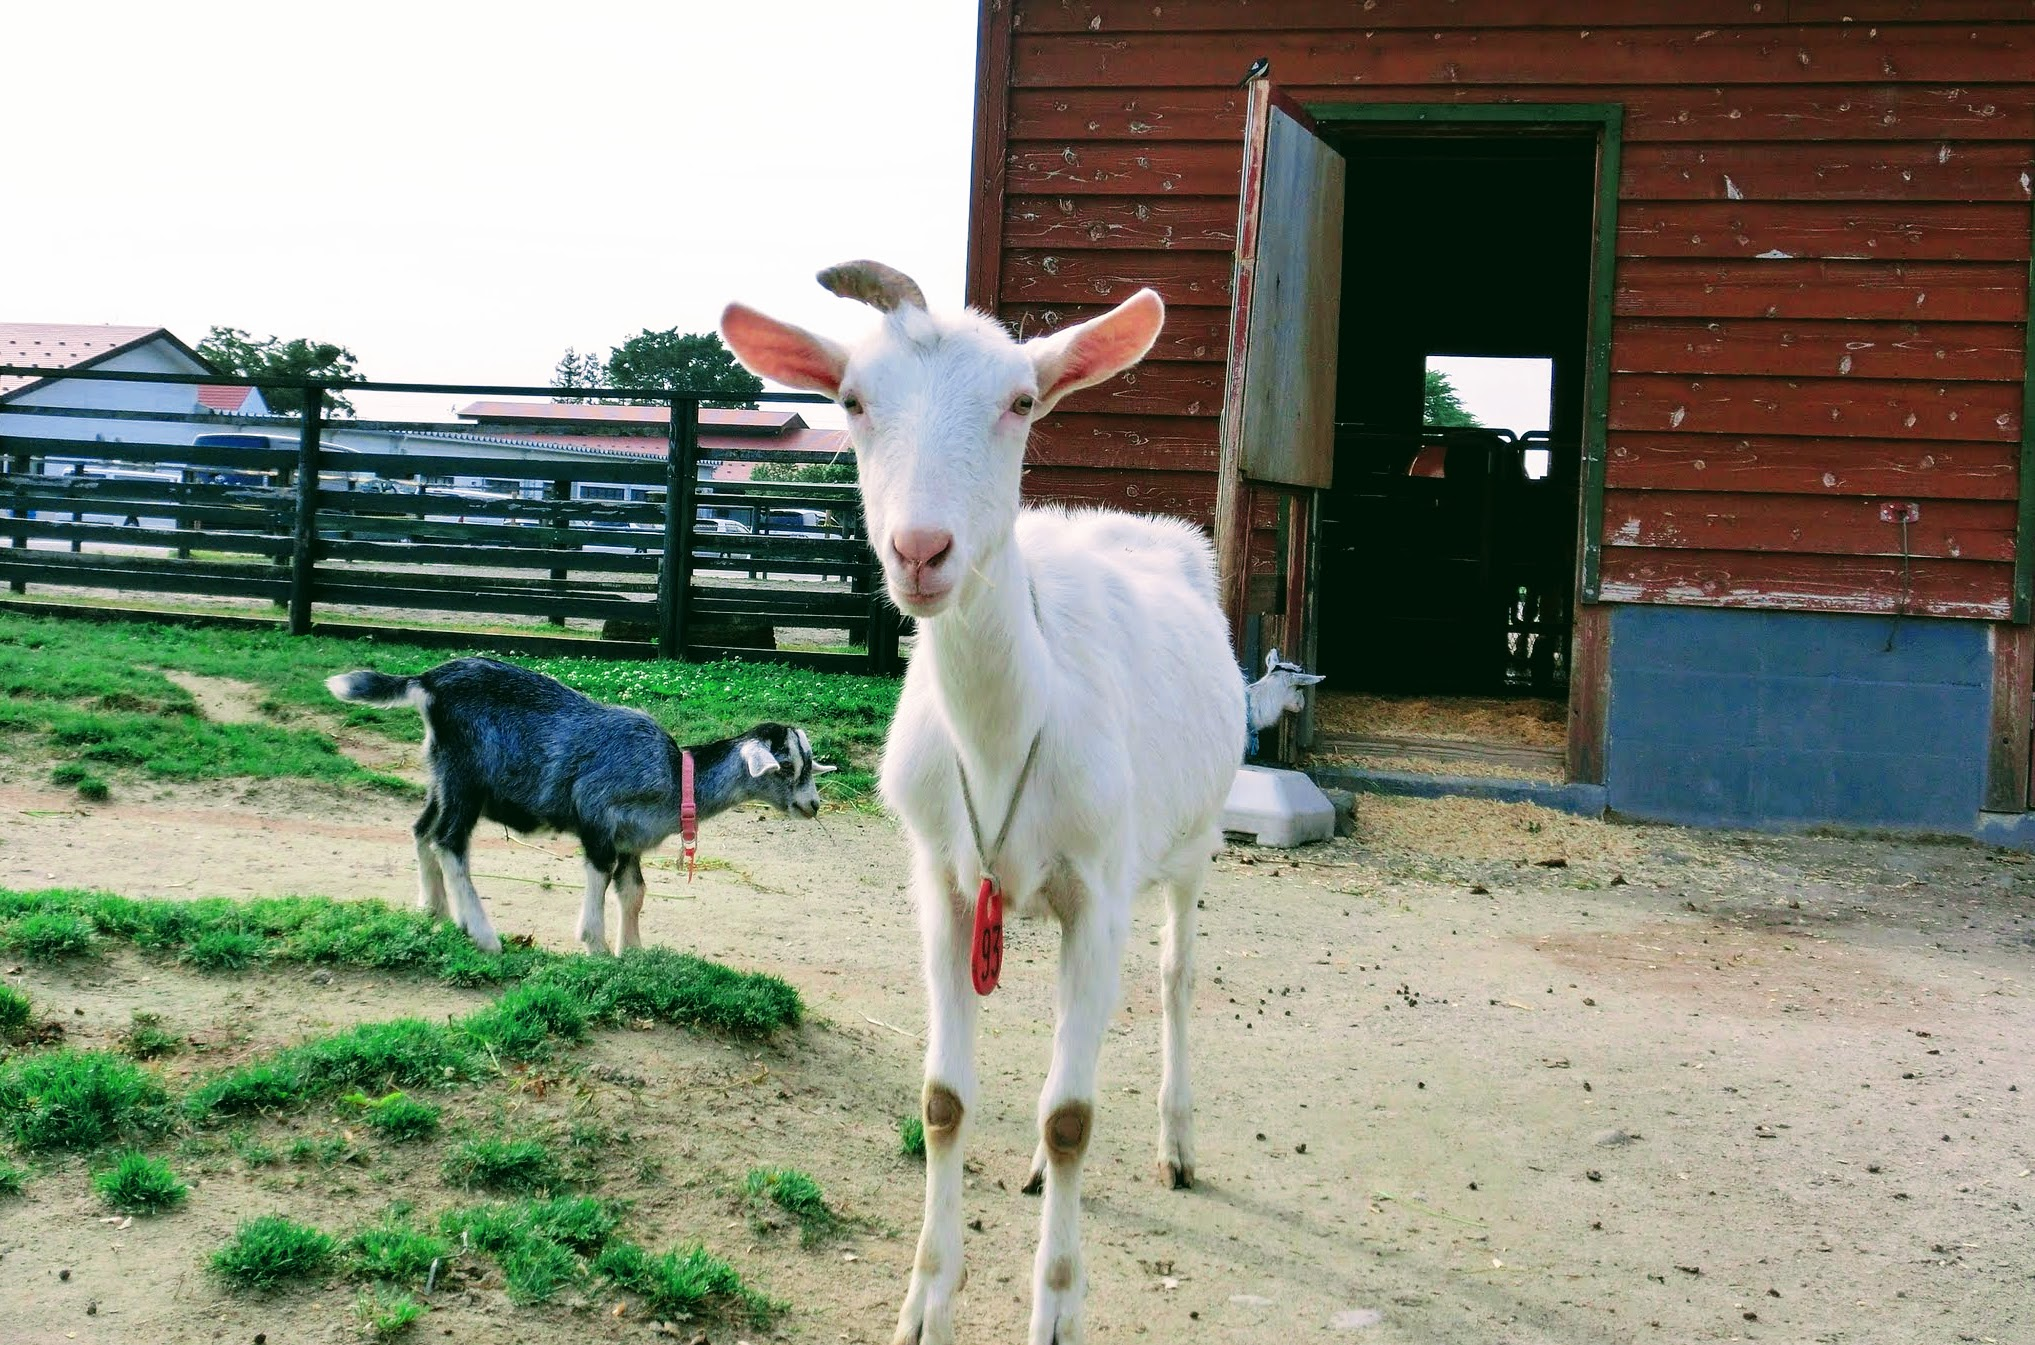 ハイジを思いつつヤギのチーズを食す